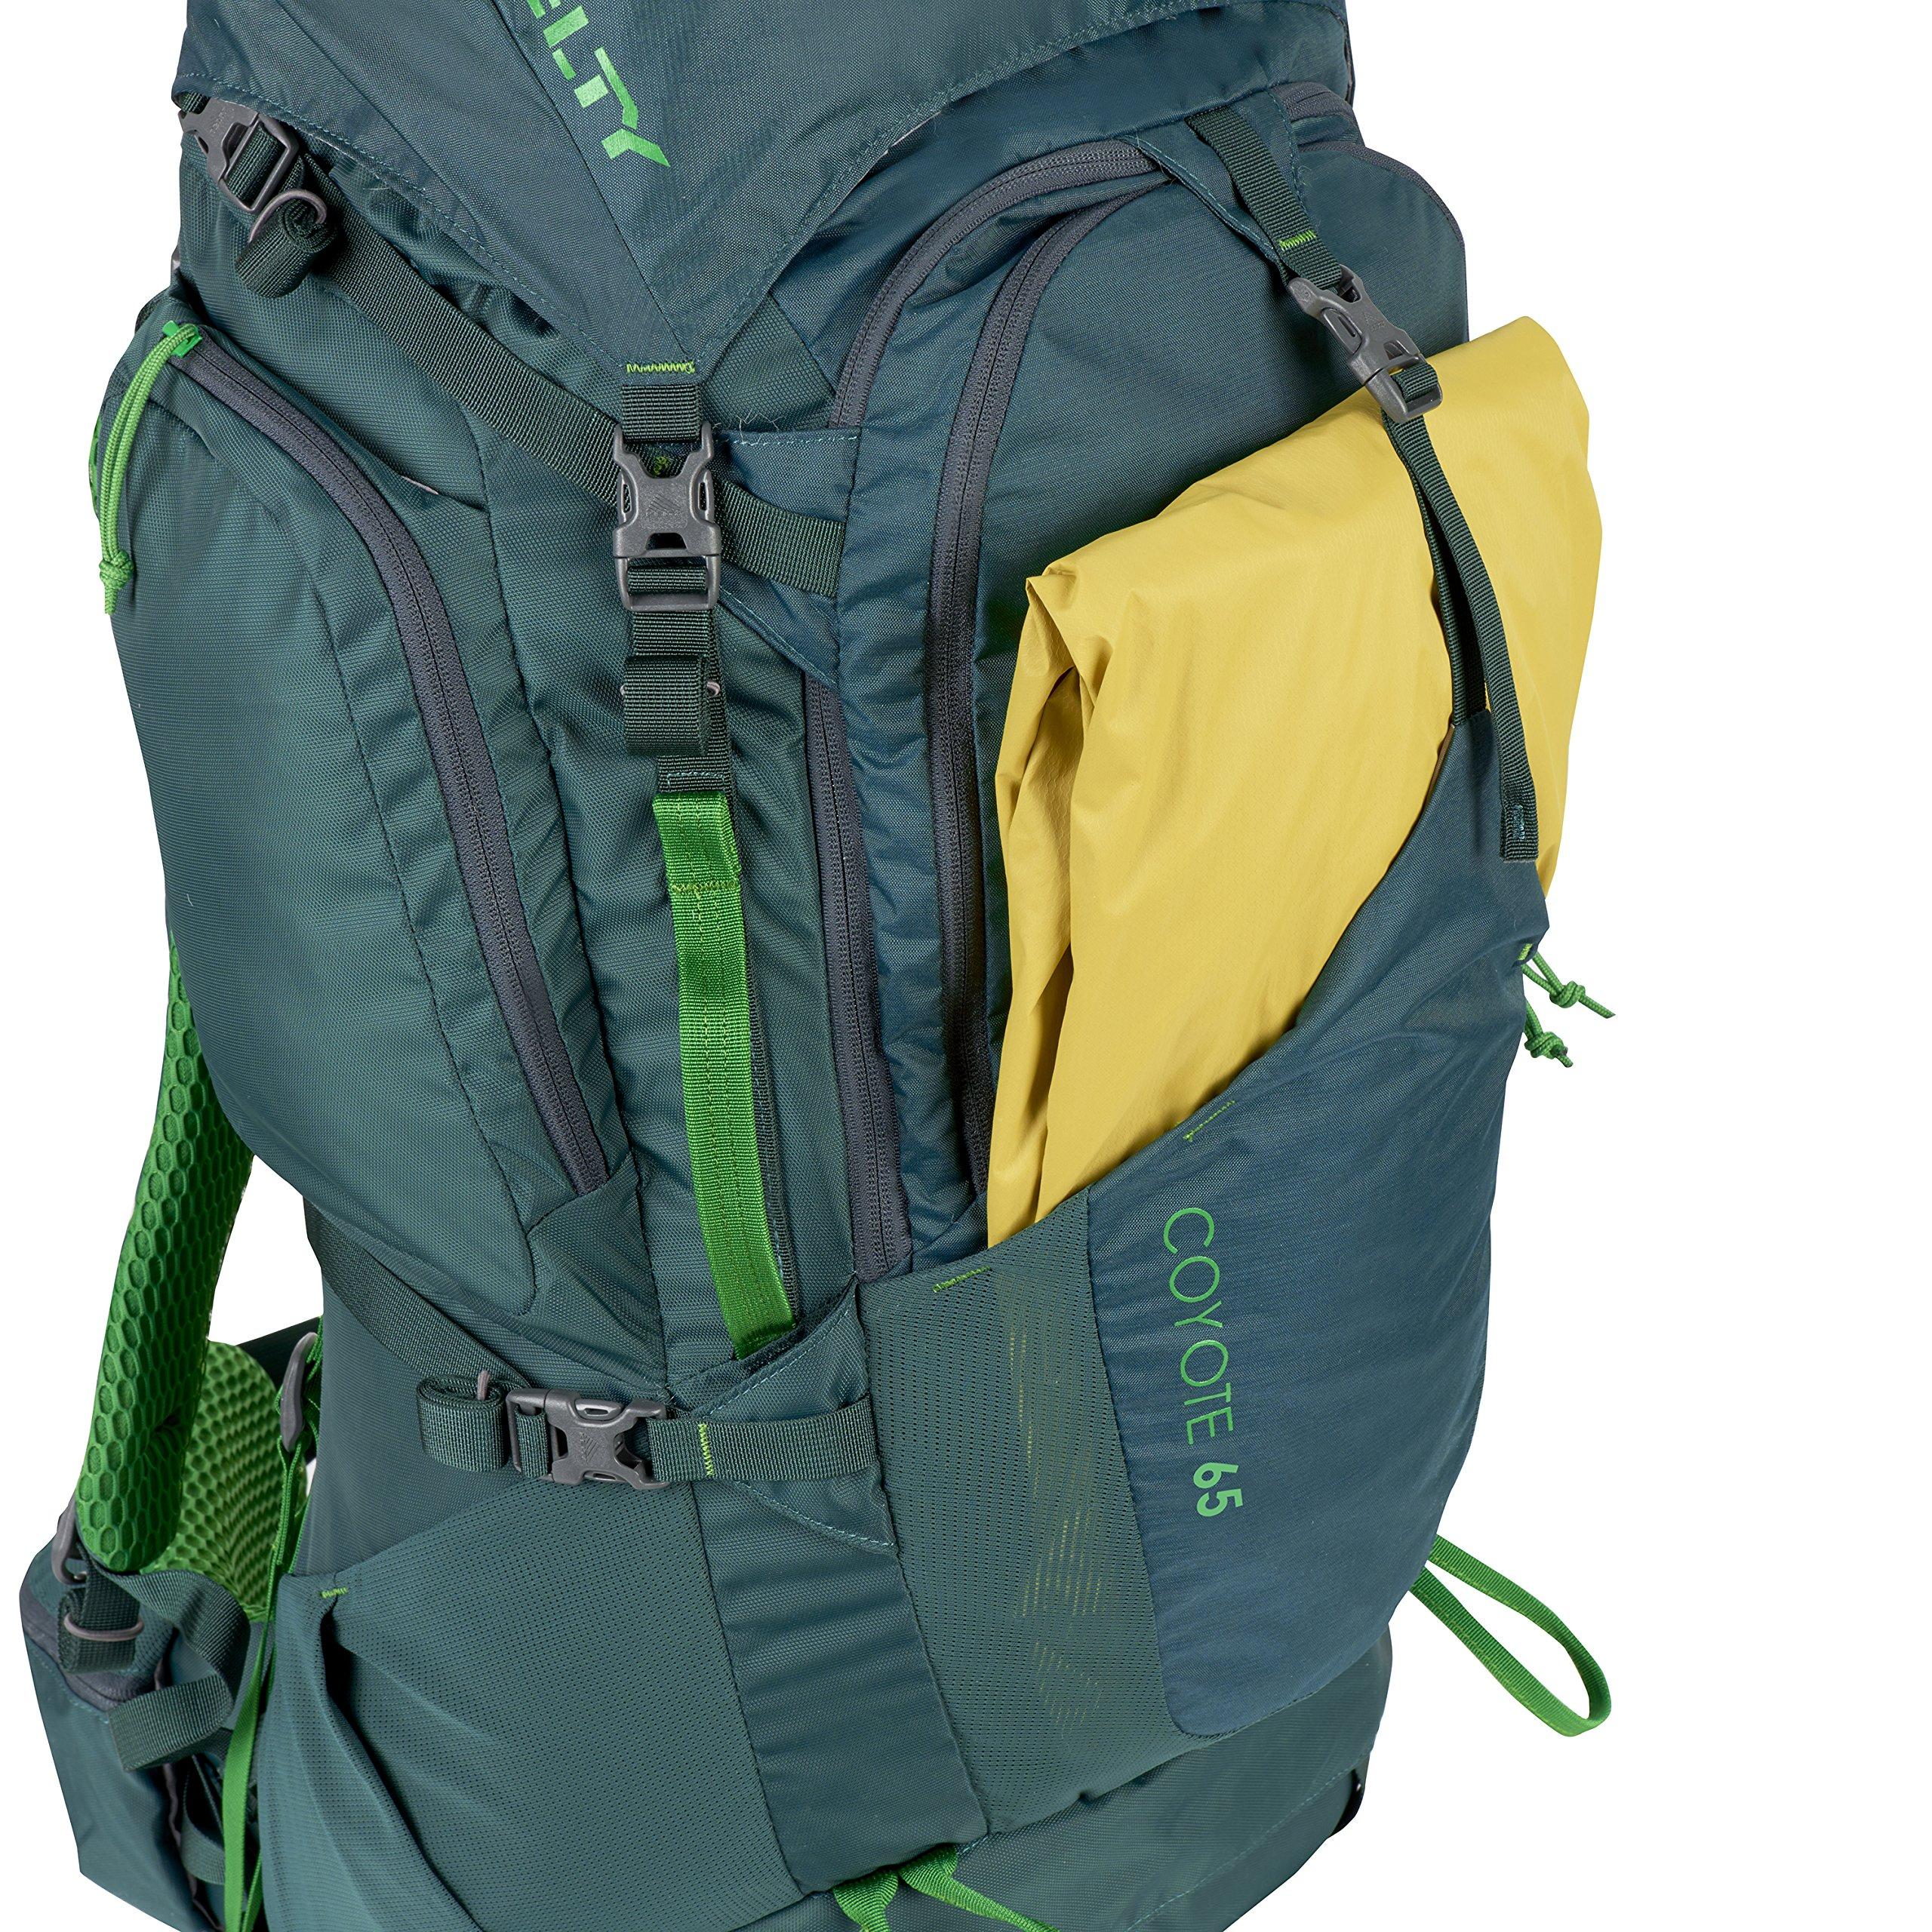 Women/'s Coyote 70 Dark Shadow Hiking Back Pack Kelty 22611816